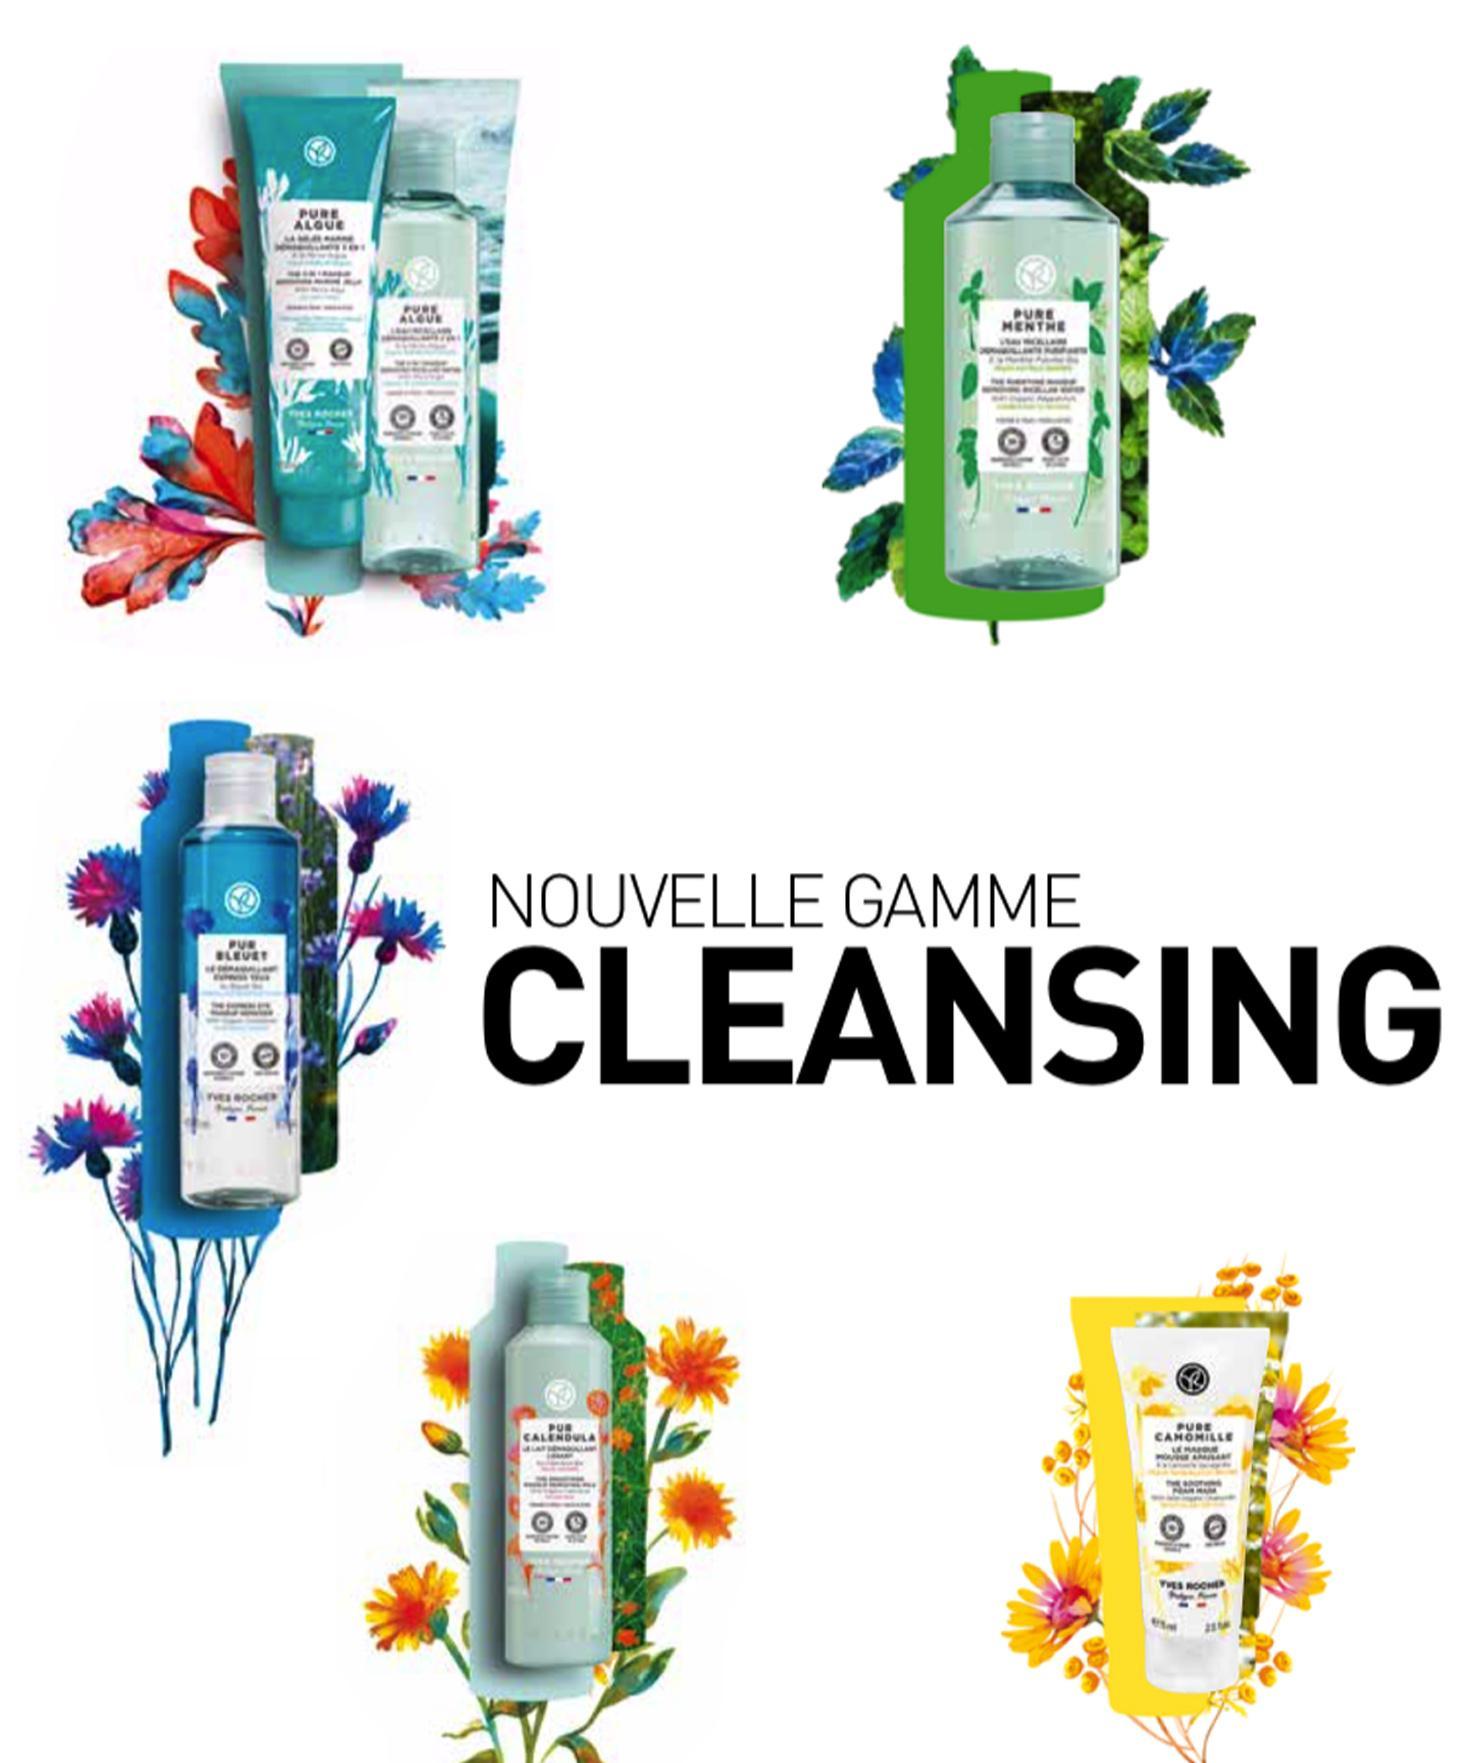 Votre nouvelle gamme Cleansing pour une peau parfaitement clean